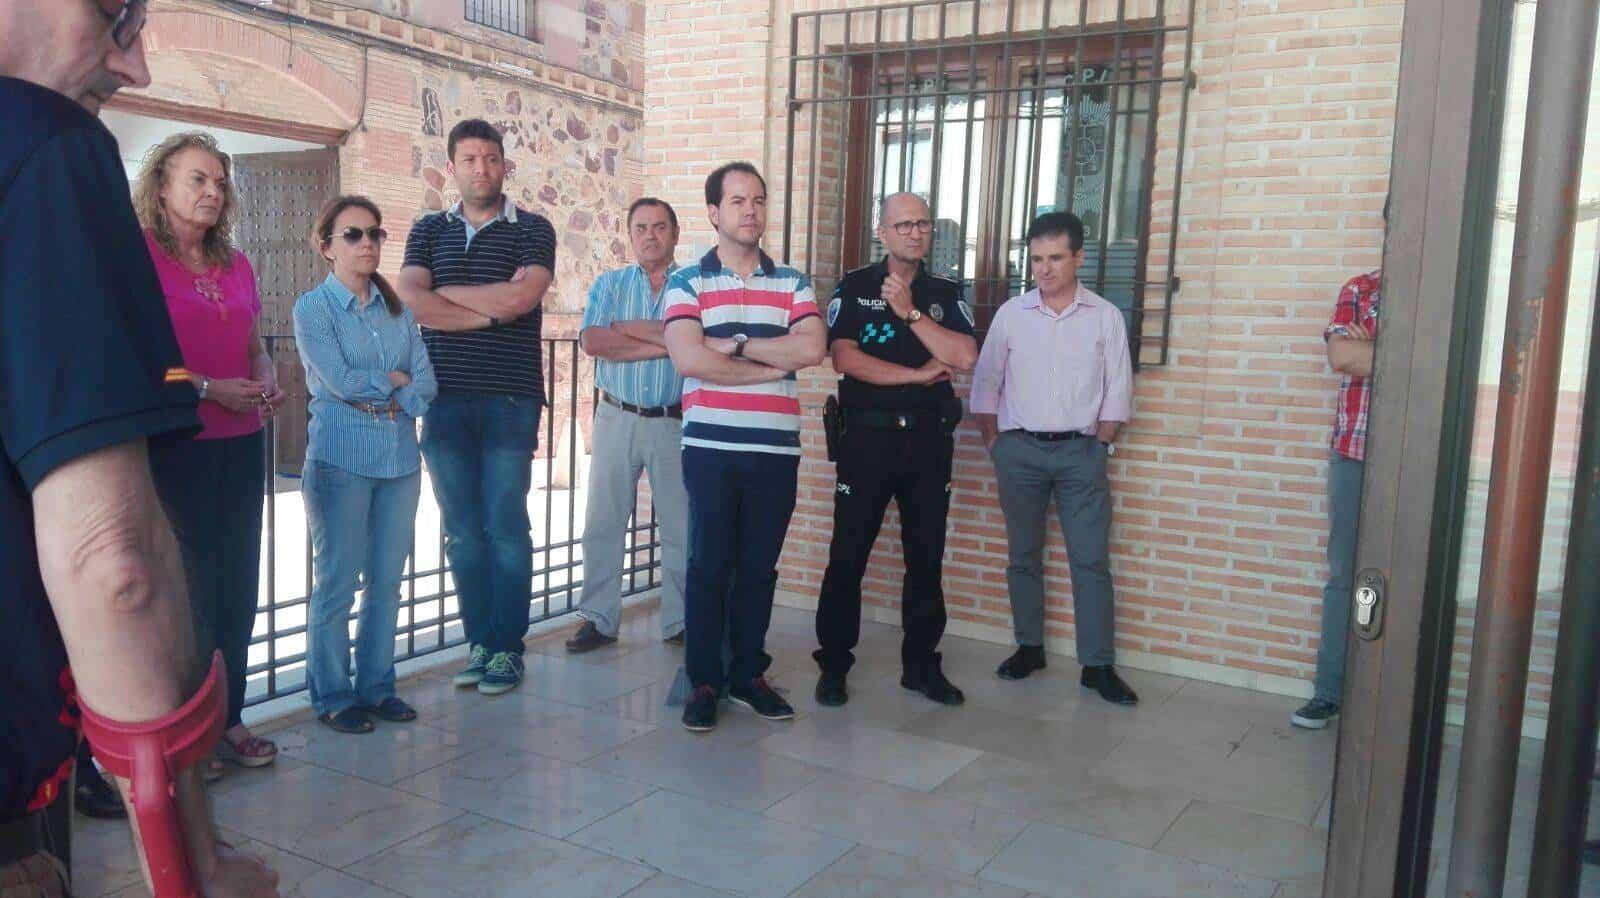 Herencia vuelve a sumarse a la condena de la violencia terrorista con un minuto de silencio 3